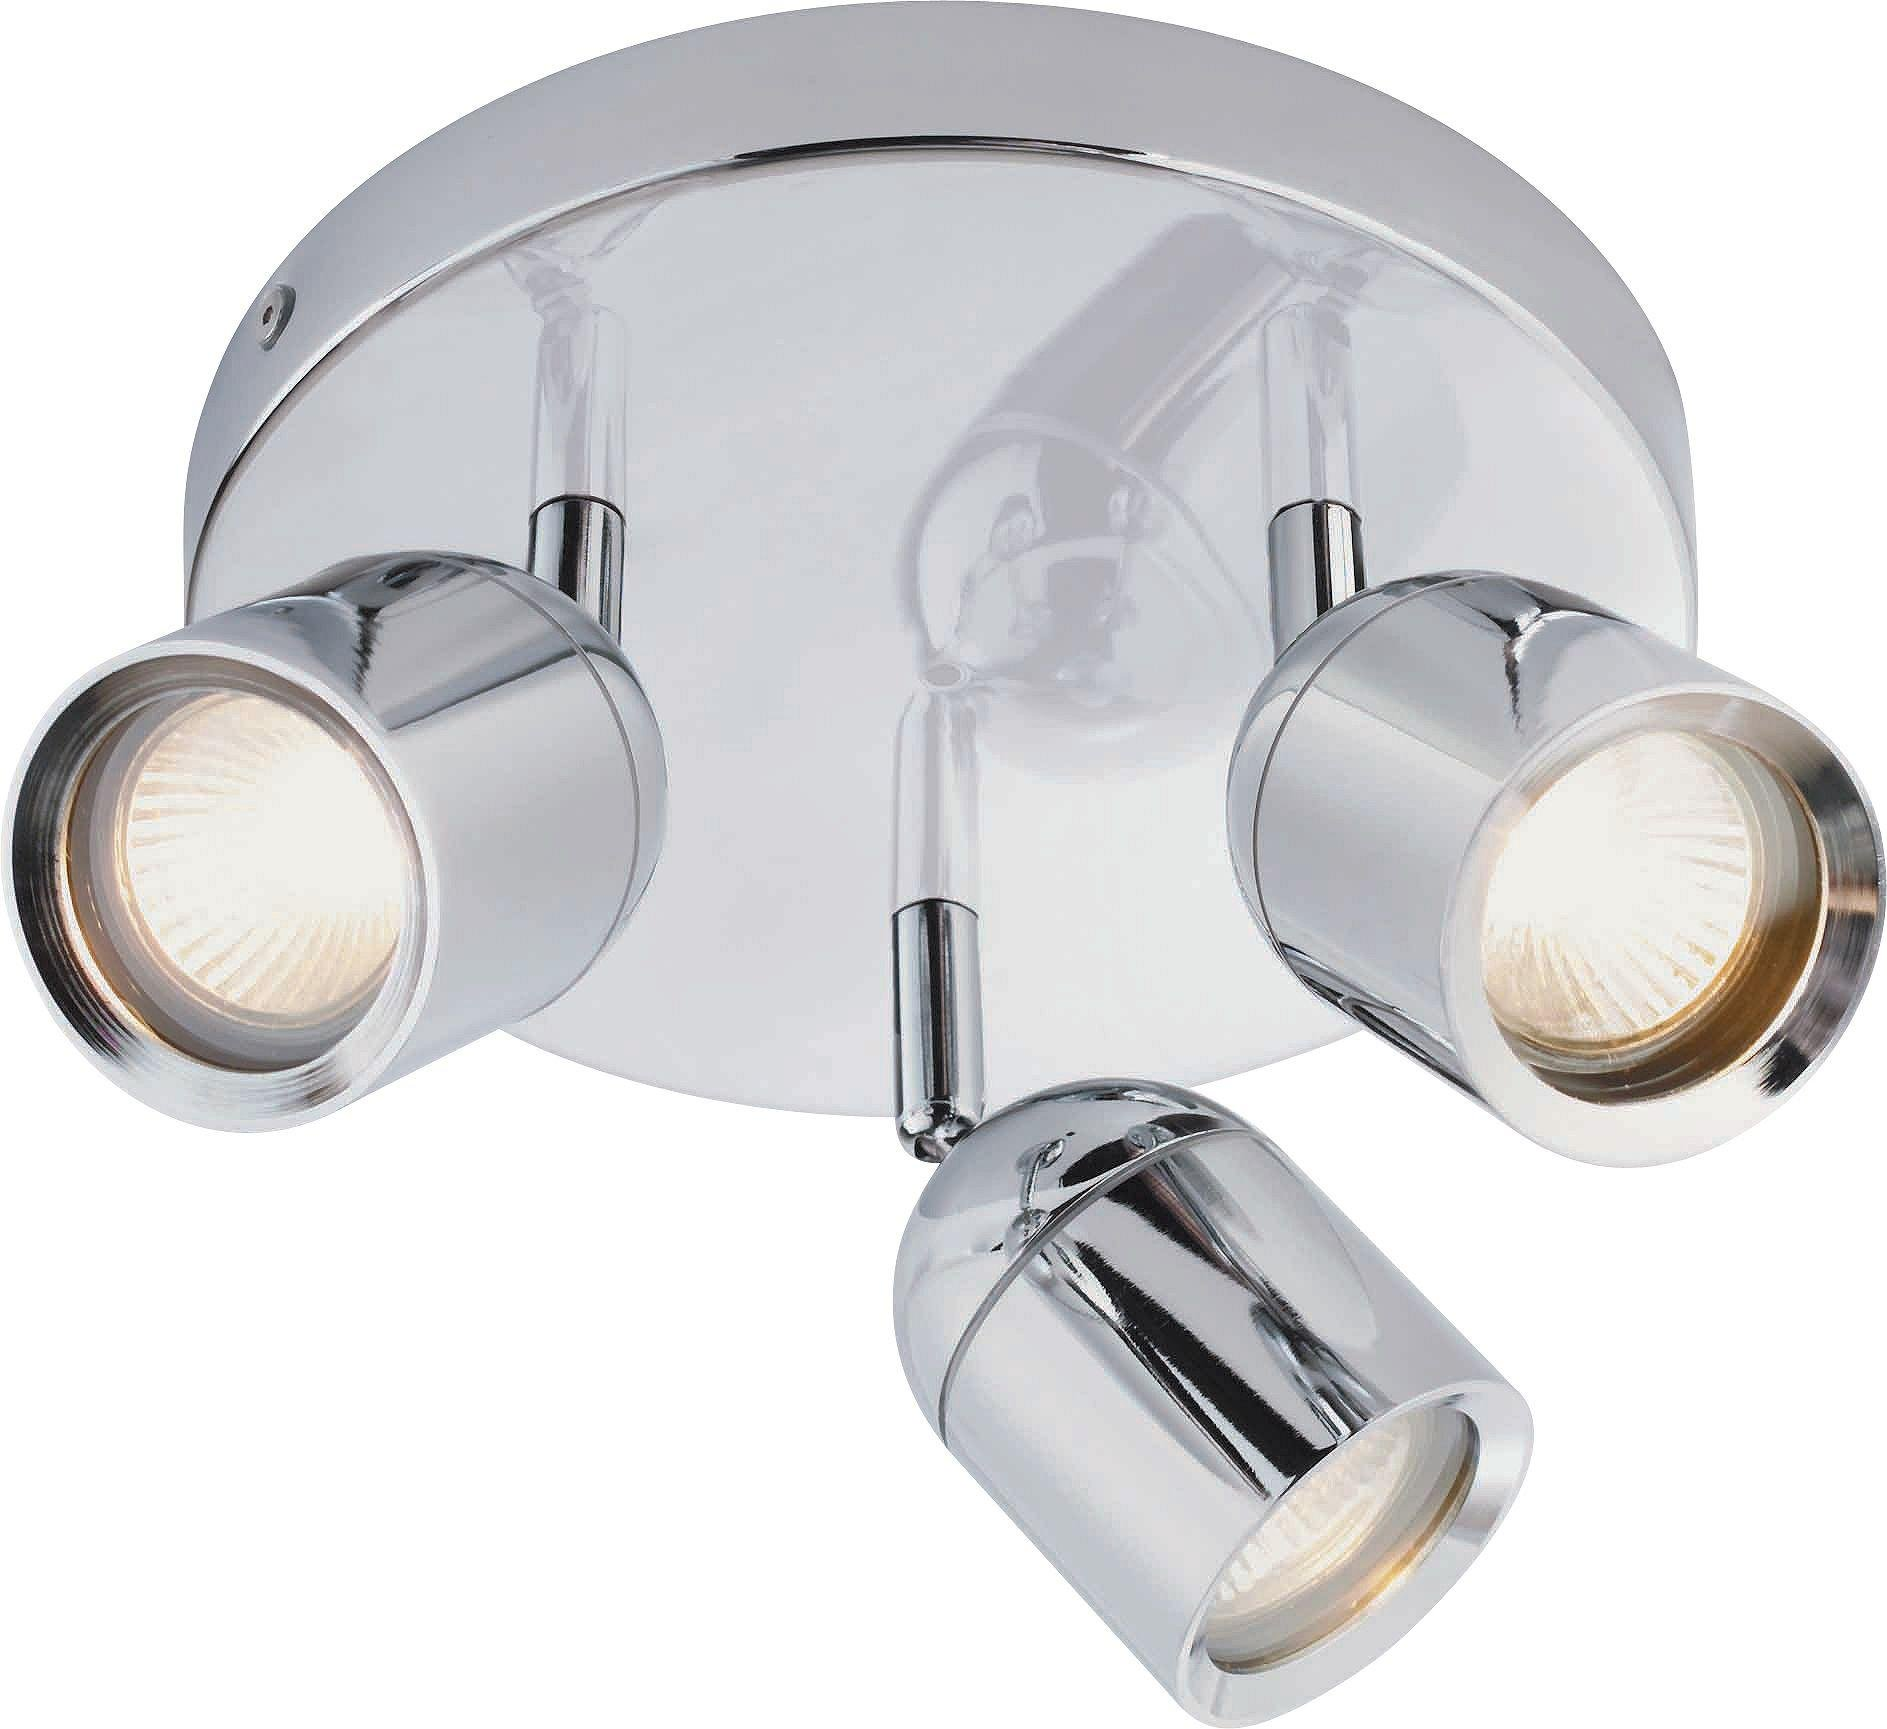 Argos Home Baretta 3 Light Bathroom Spotlight - Chrome